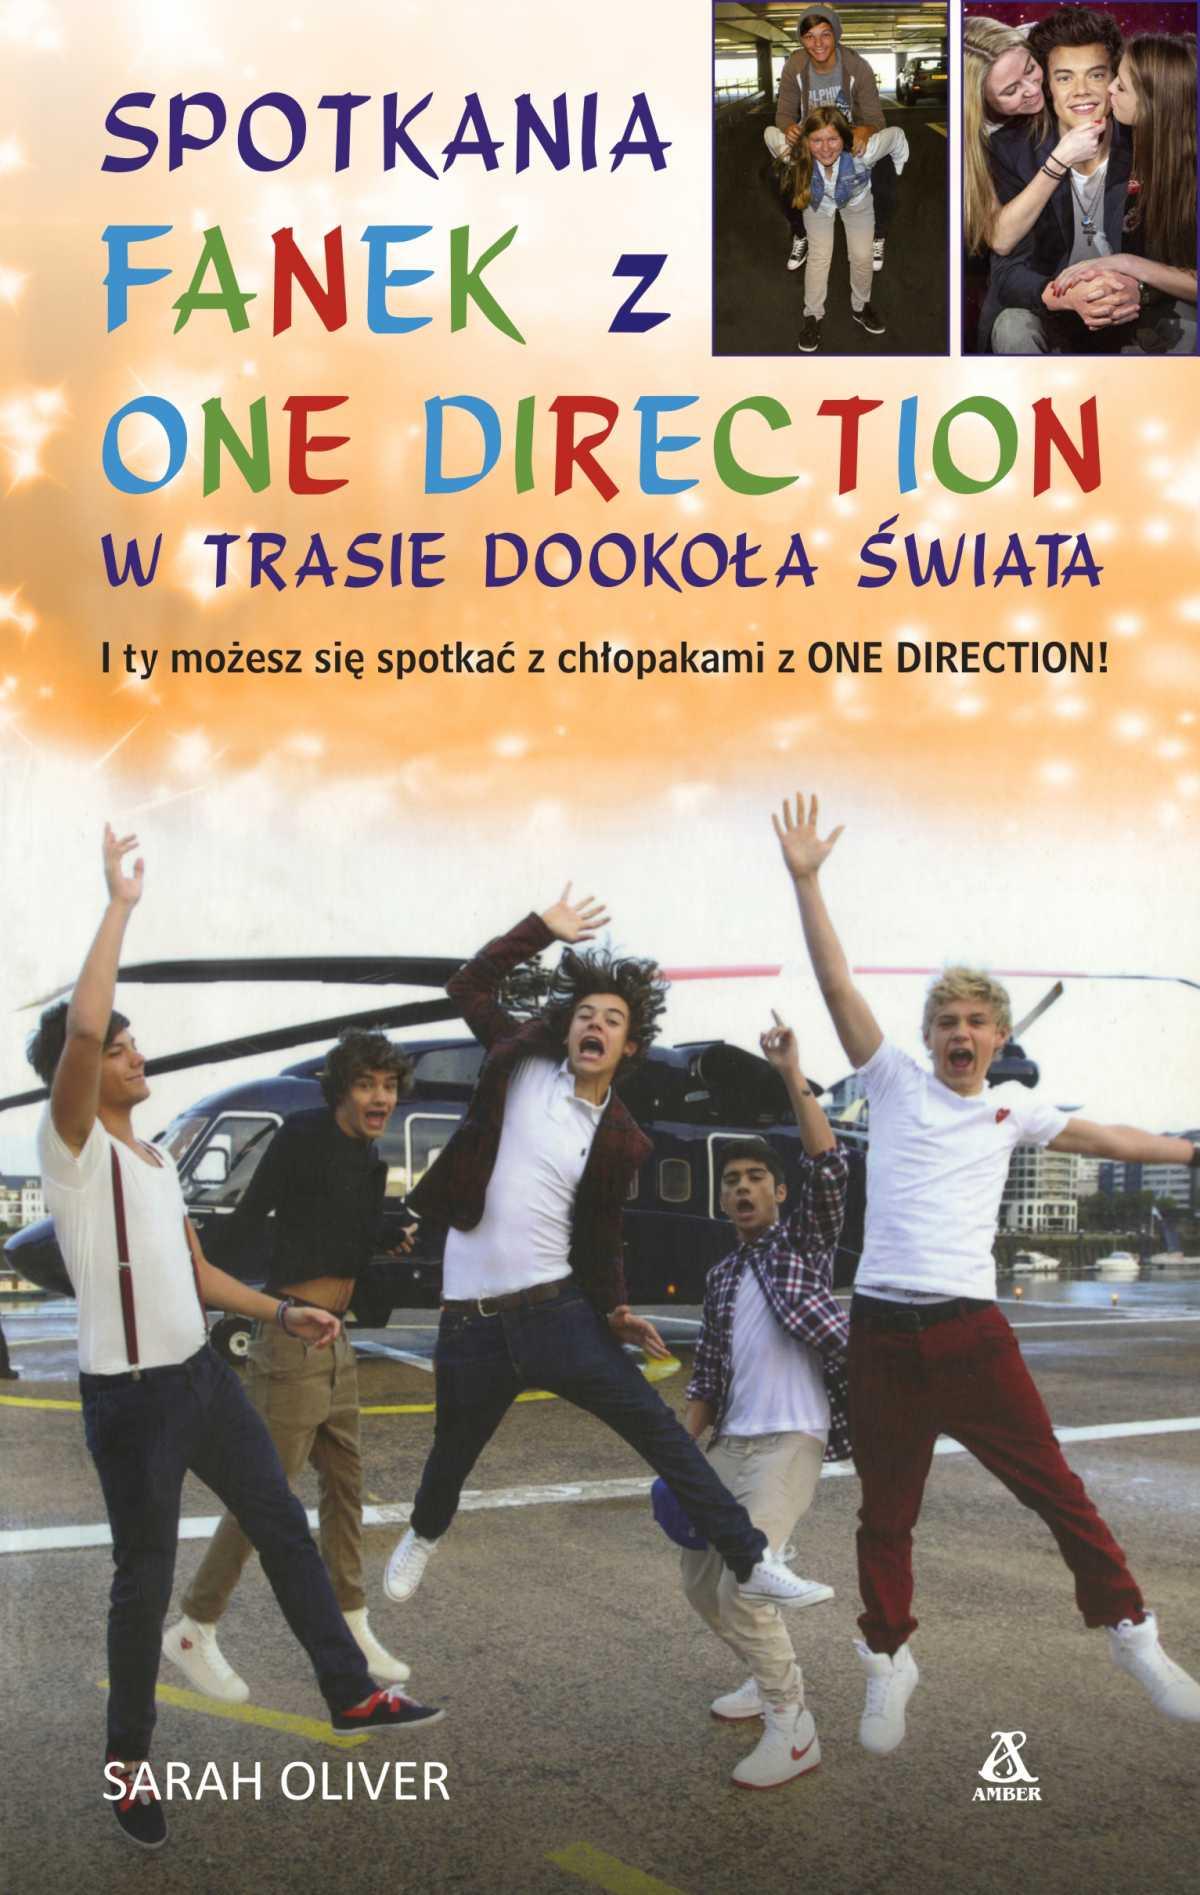 Spotkania fanek z One Direction w trasie dookoła świata - Ebook (Książka EPUB) do pobrania w formacie EPUB